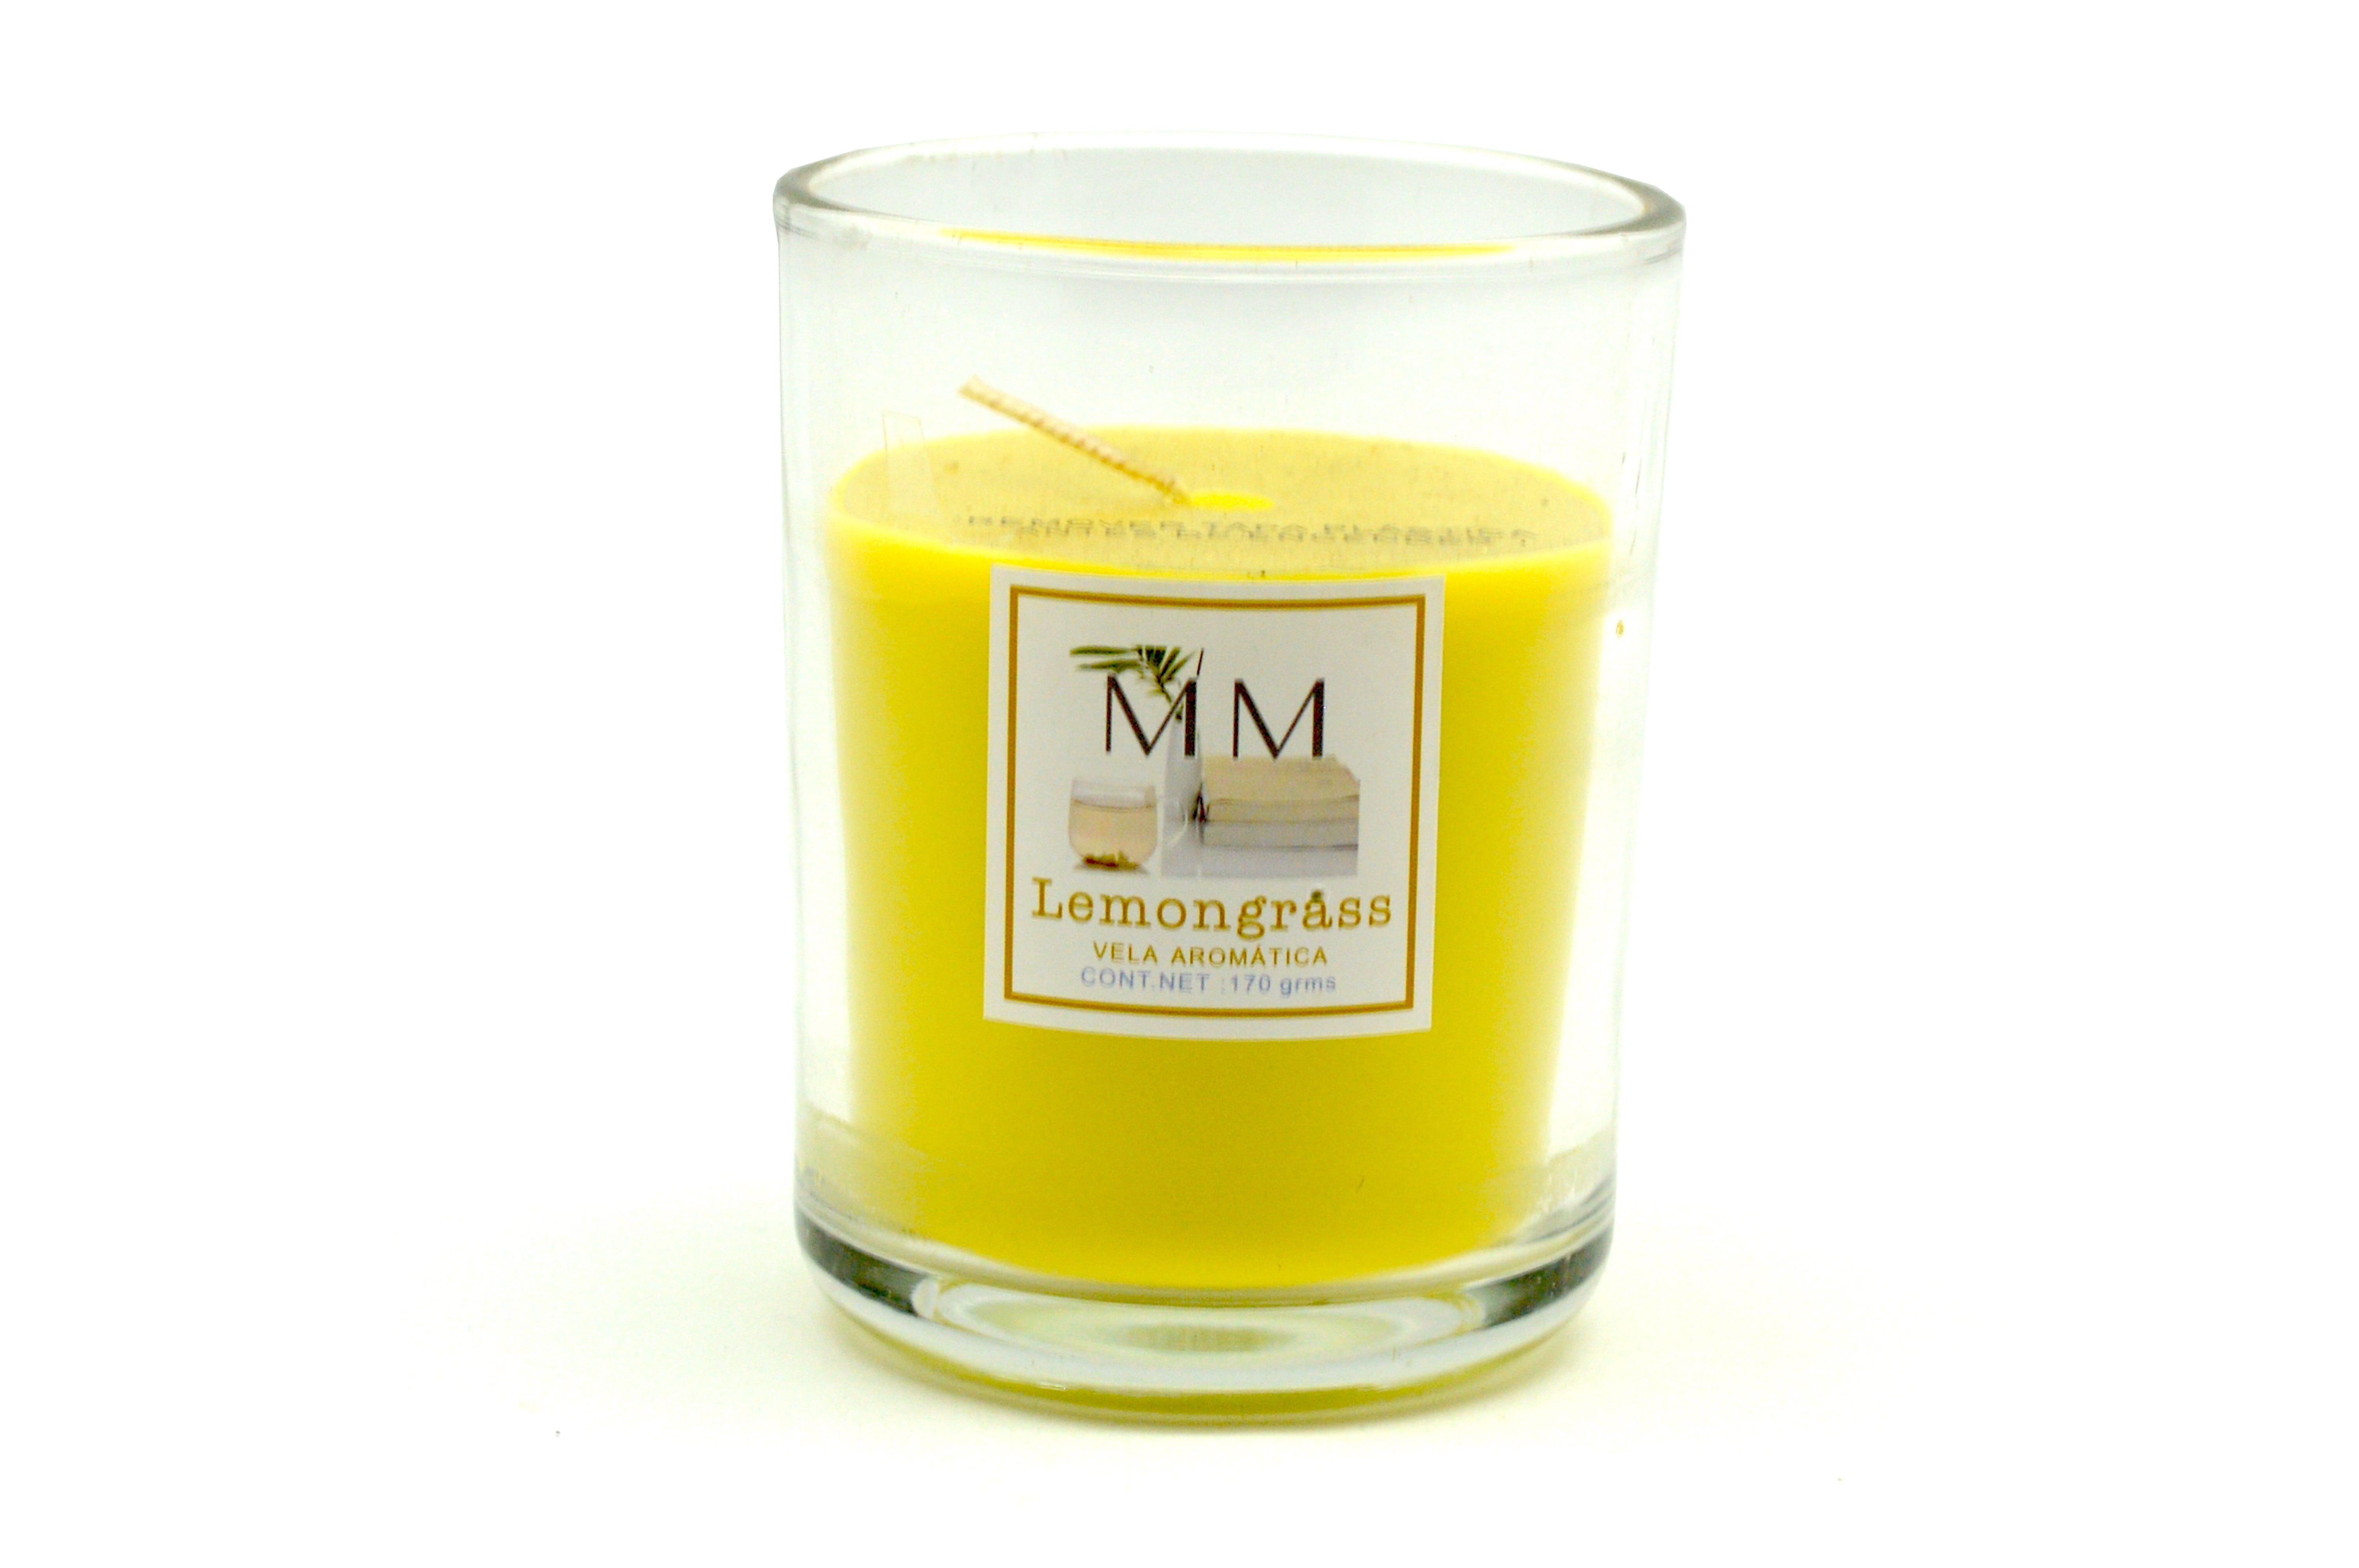 Vela en vaso MM Lemongrass™, 170 g